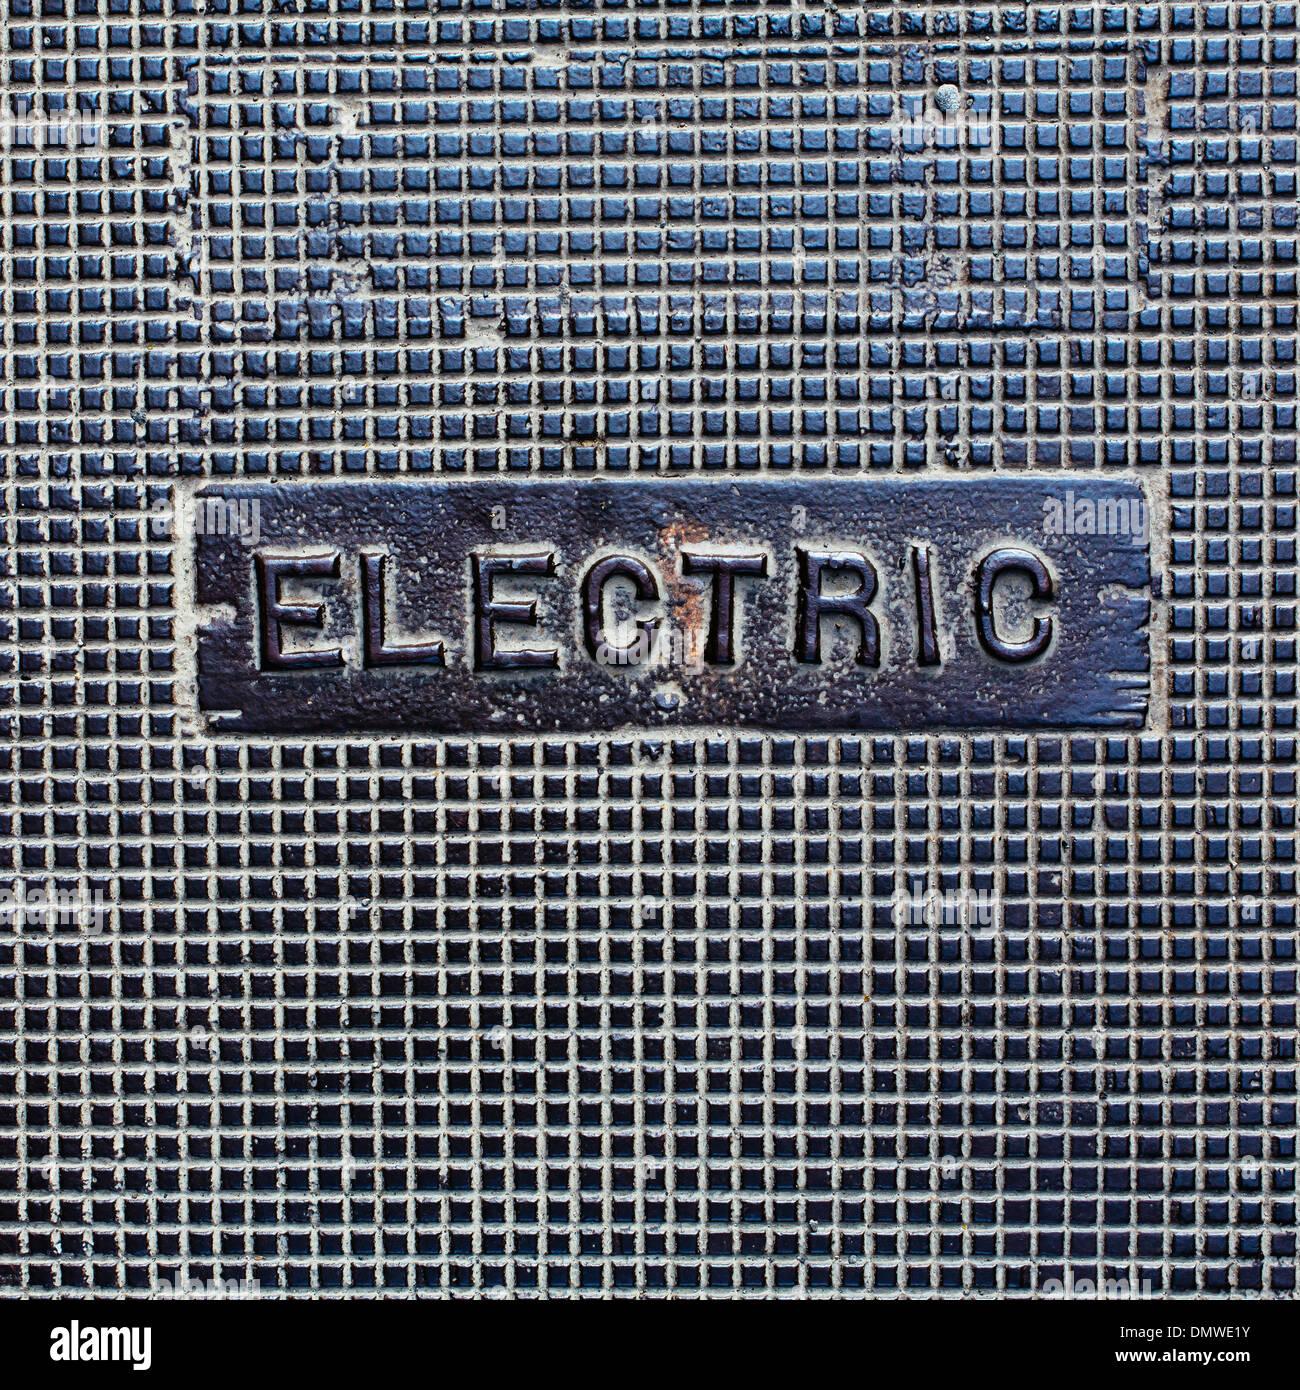 Un utilitaire est faite de métal avec word Electric. Photo Stock